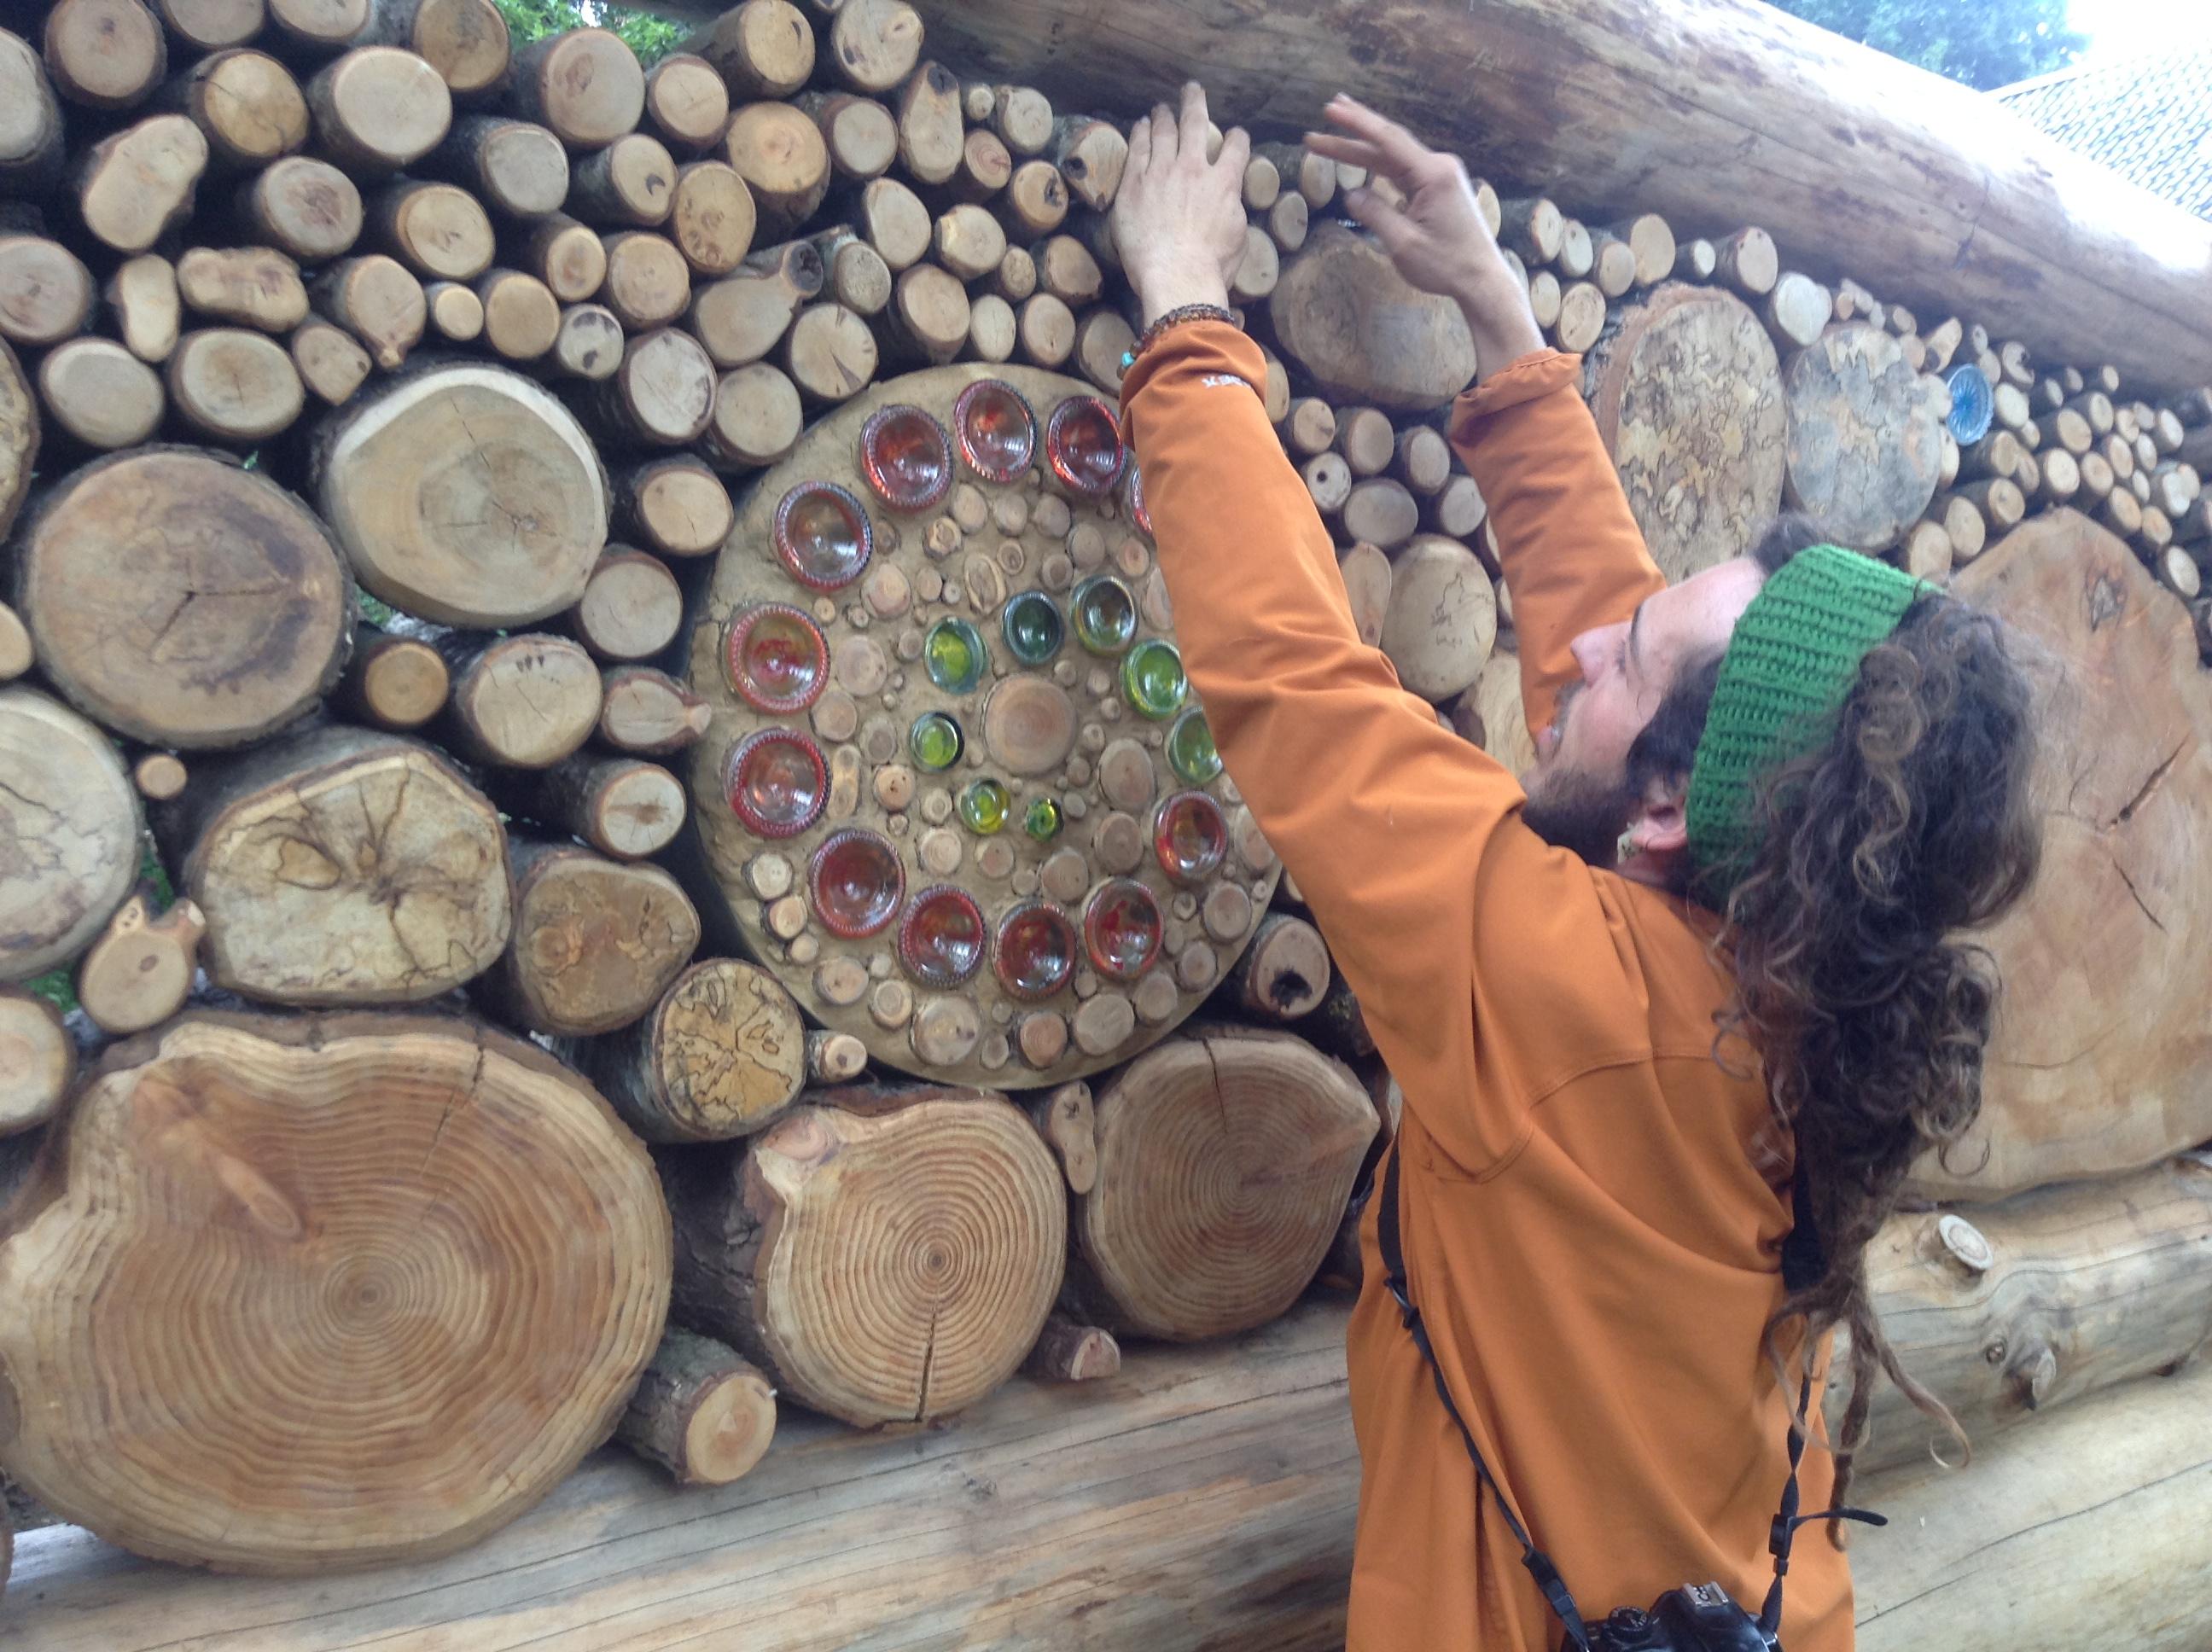 Ruim 20 soorten hout, allen afkomstig uit Nederland, worden verwerkt in de muren van de tempel